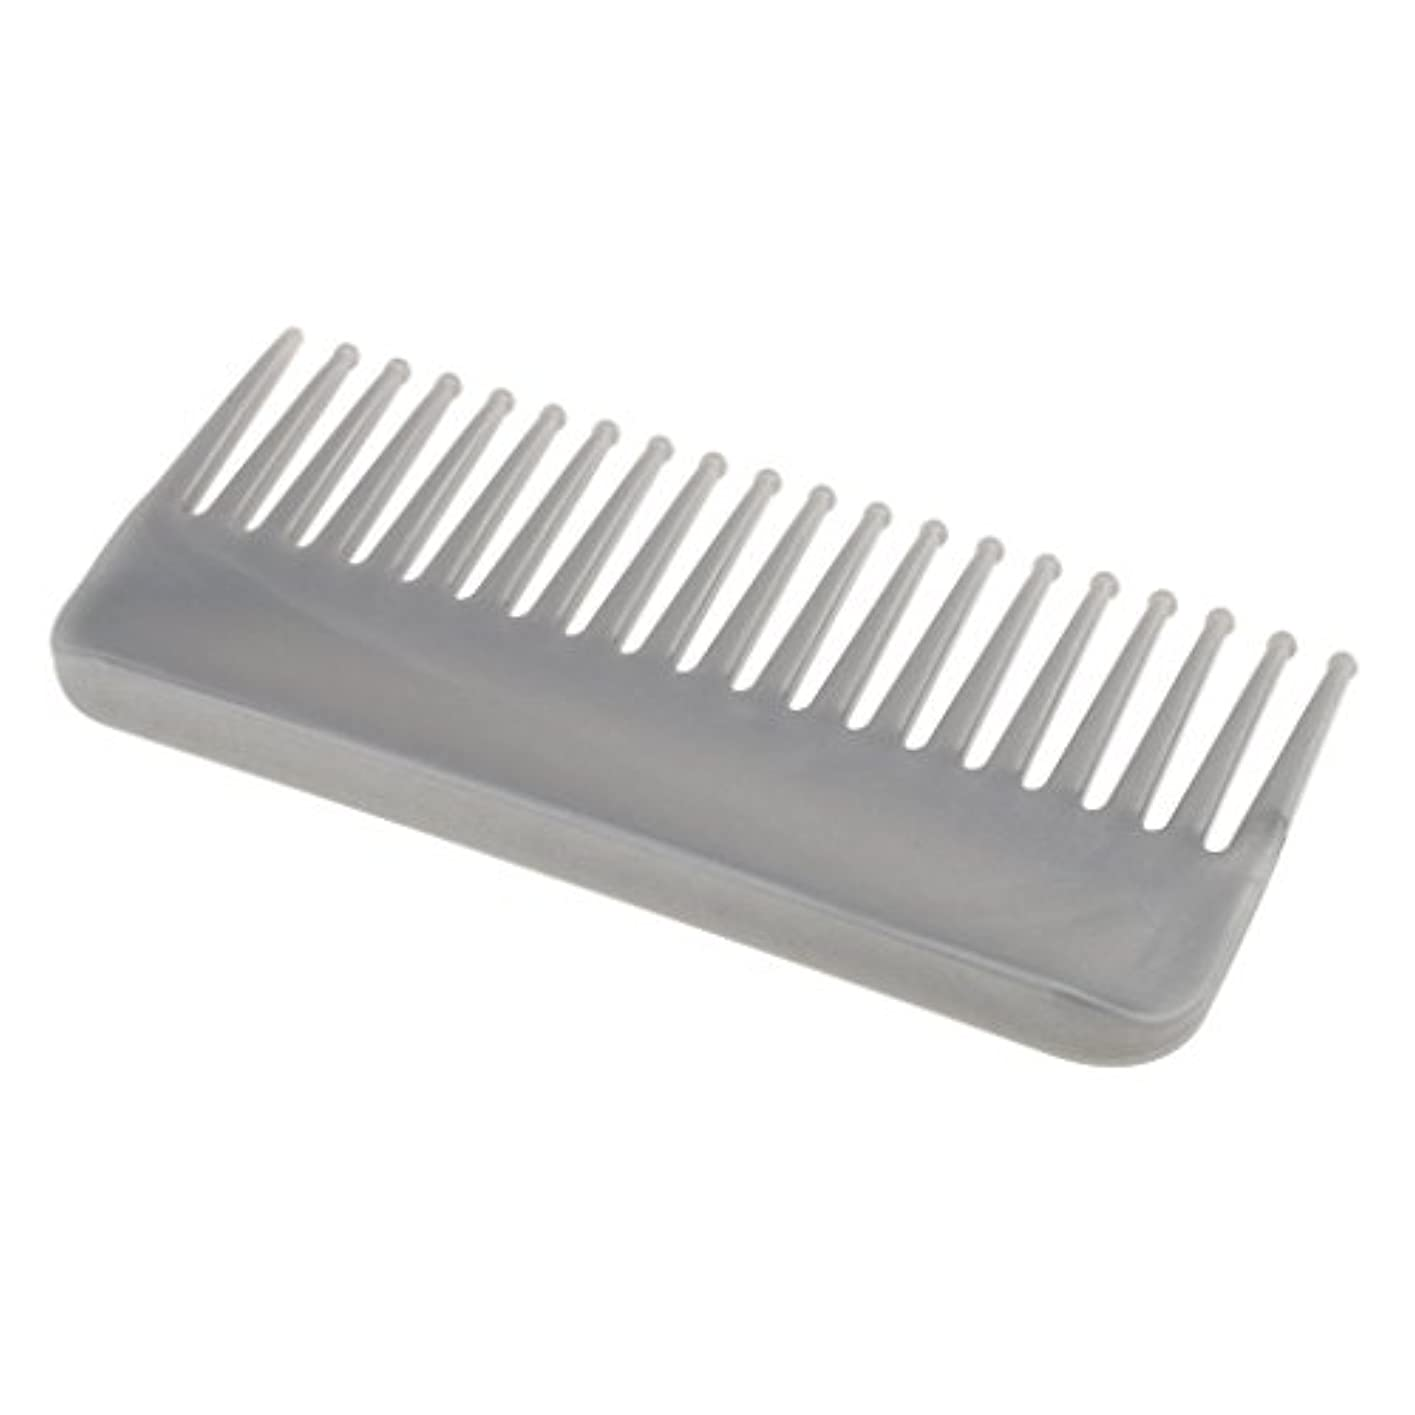 退却からに変化するさらにCUTICATE プラスチック製の絡みのない広い歯のヘアブラシサロンヘアケアマッサージツール